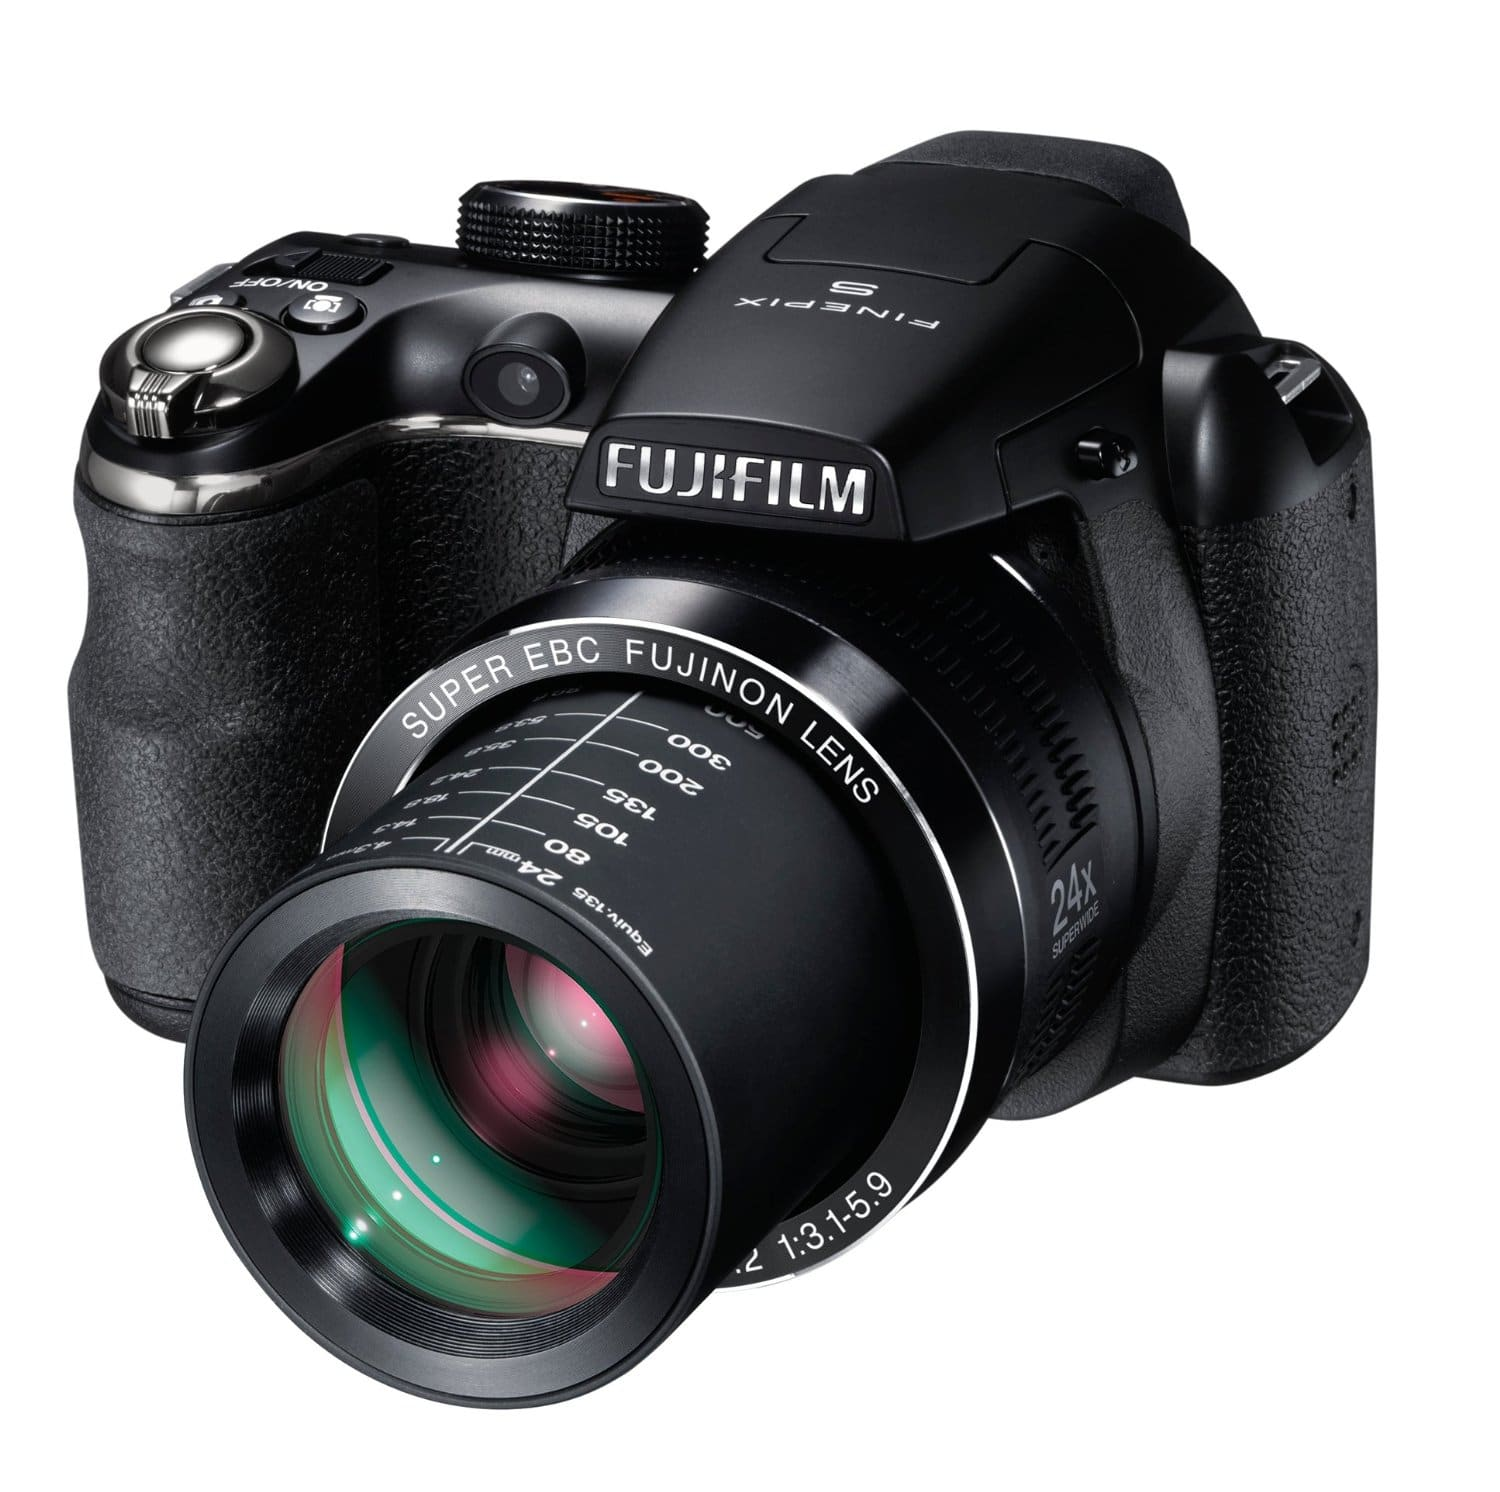 Fujifilm Repair